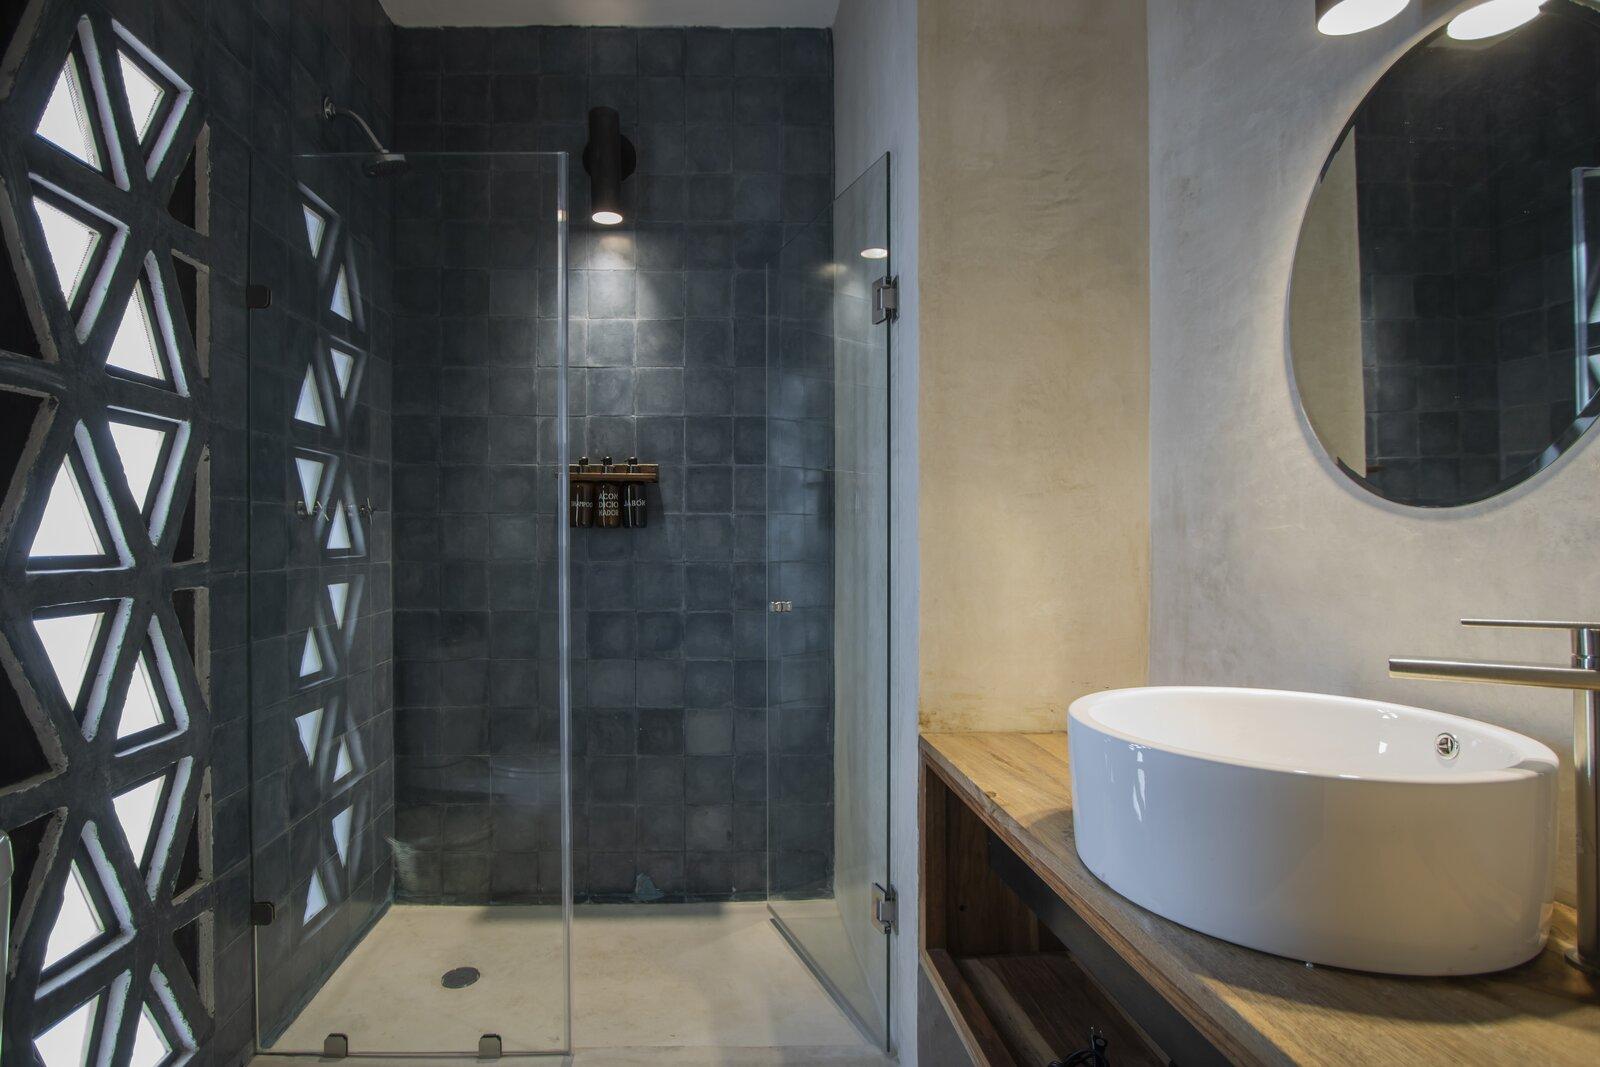 Hotel Sin Nombre bathroom